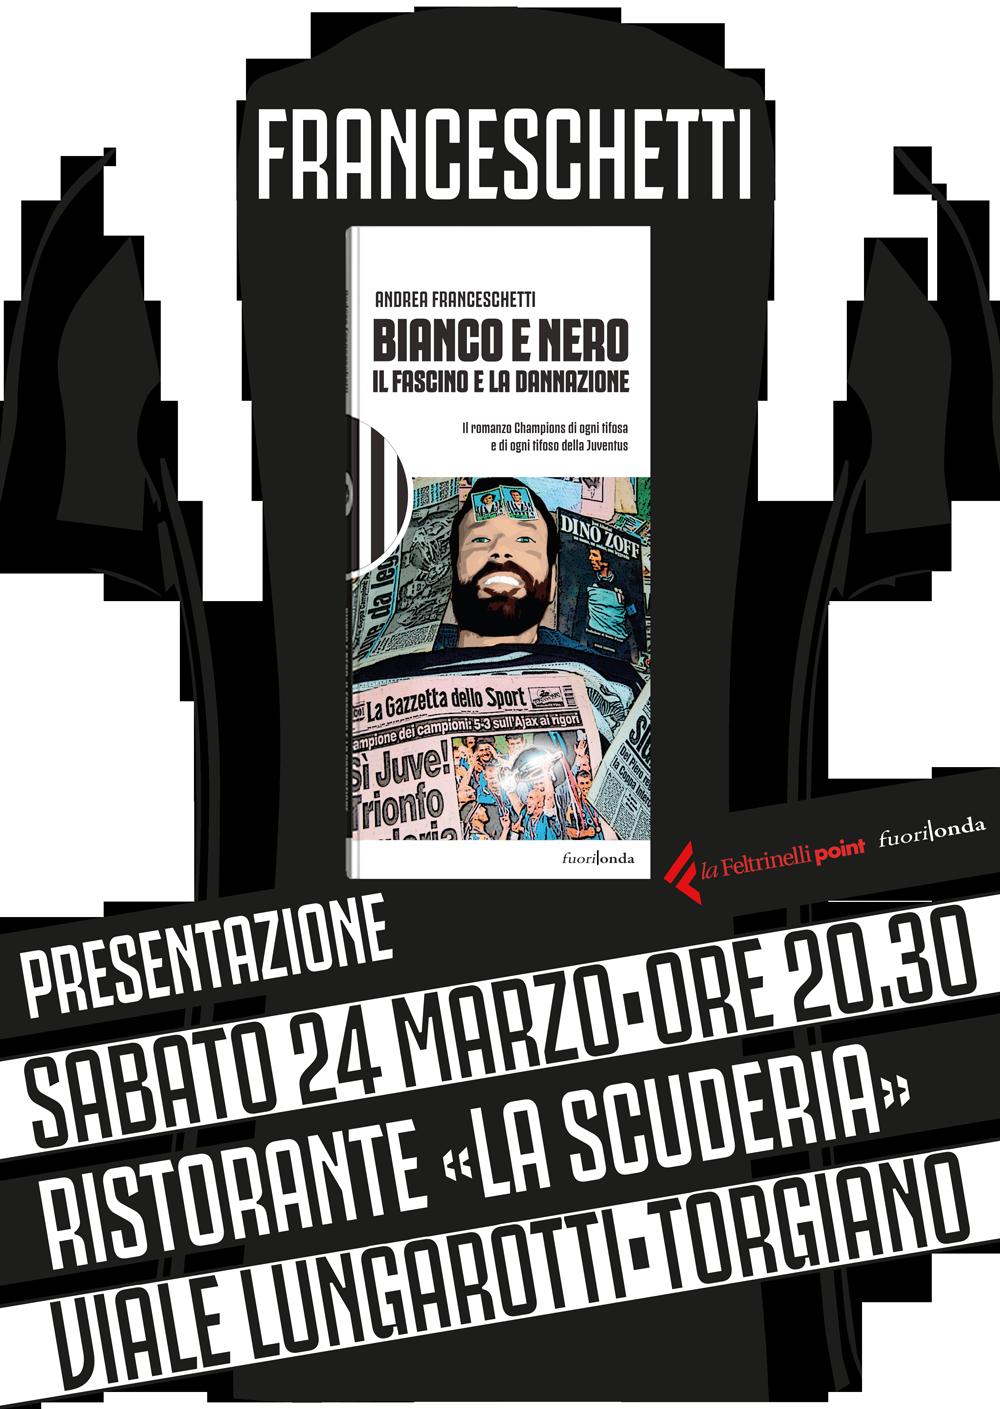 BIANCO-E-NERO_presentazione-TORGIANO